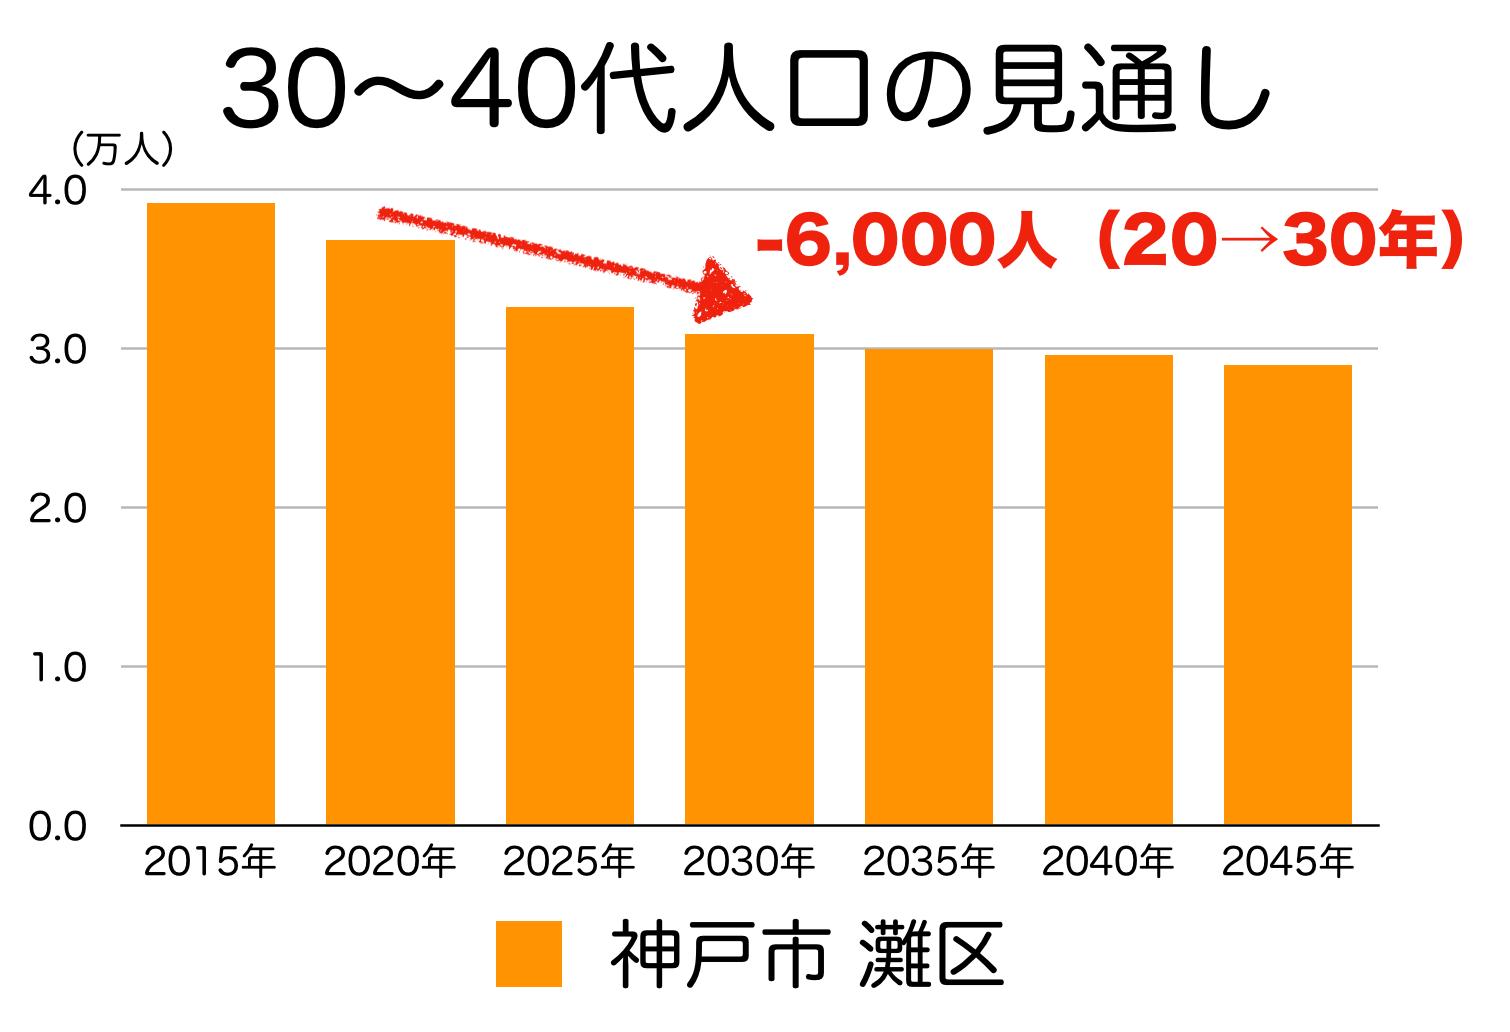 神戸市灘区の30〜40代人口の予測